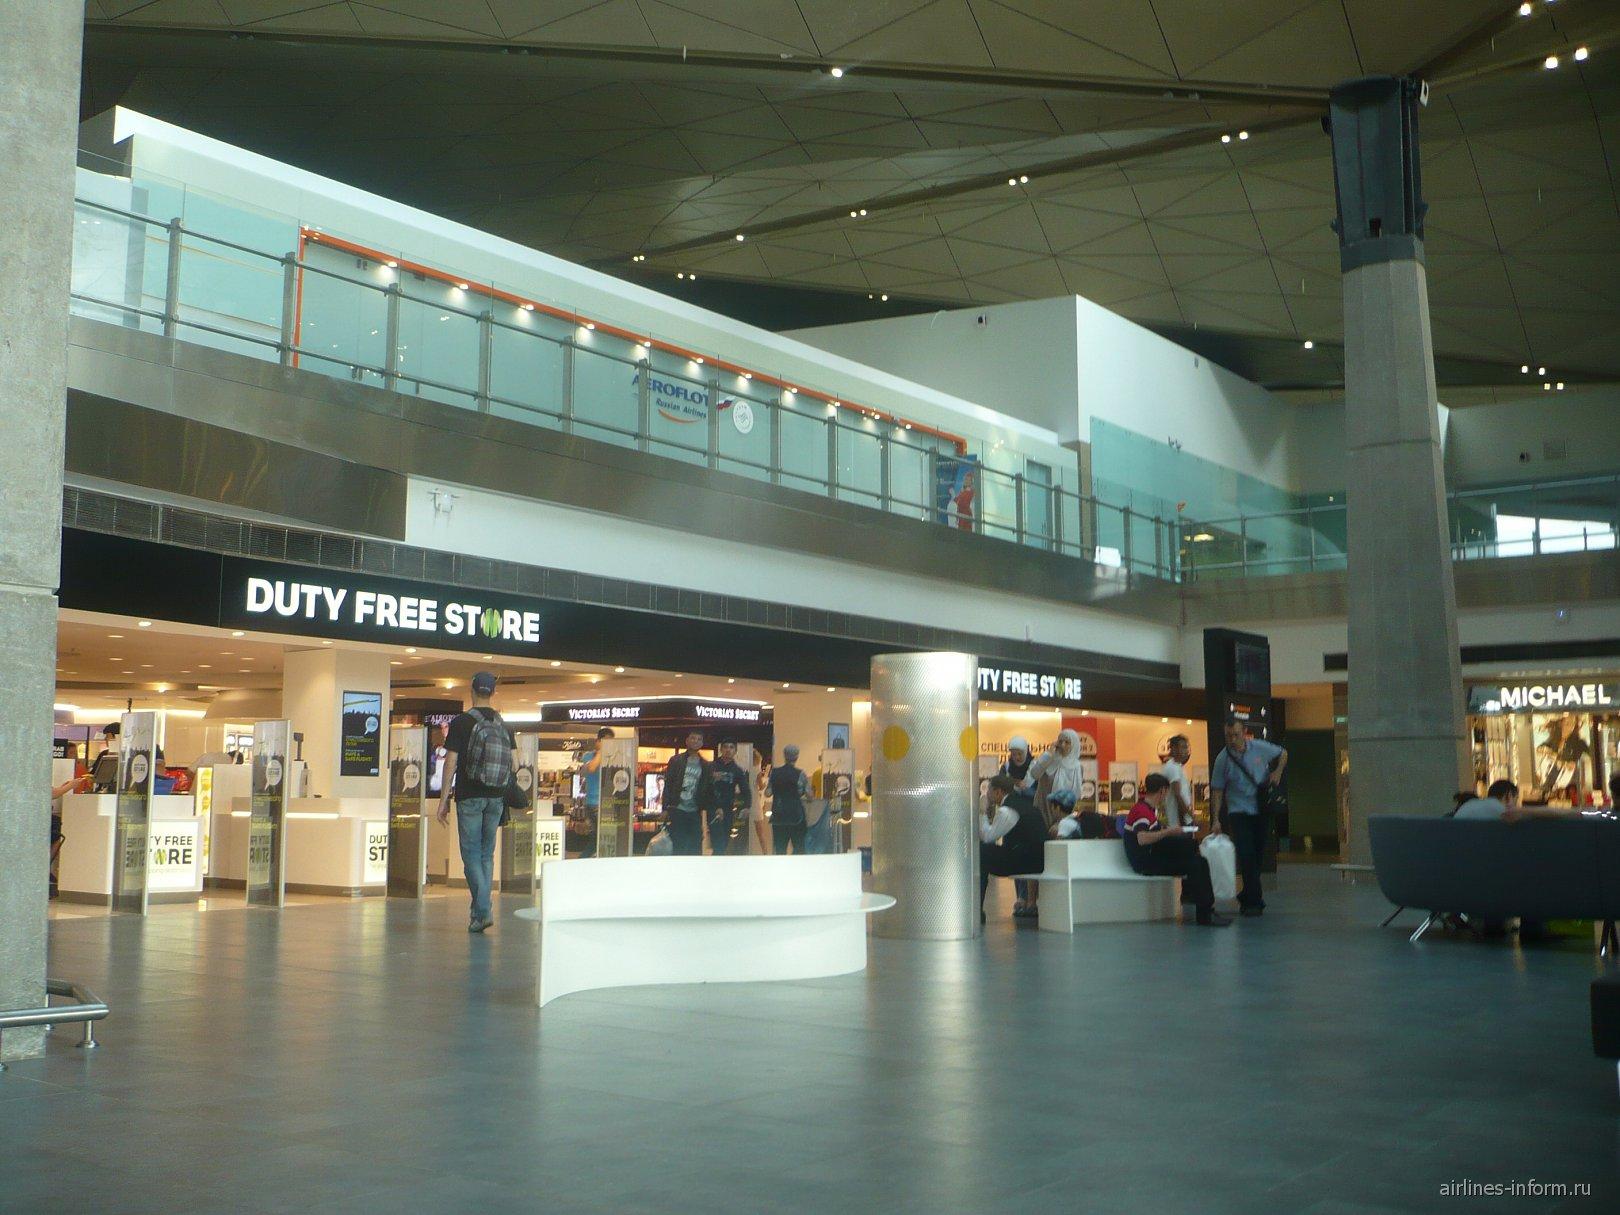 Магазина Duty-Free в аэропорту Санкт-Петербург Пулково